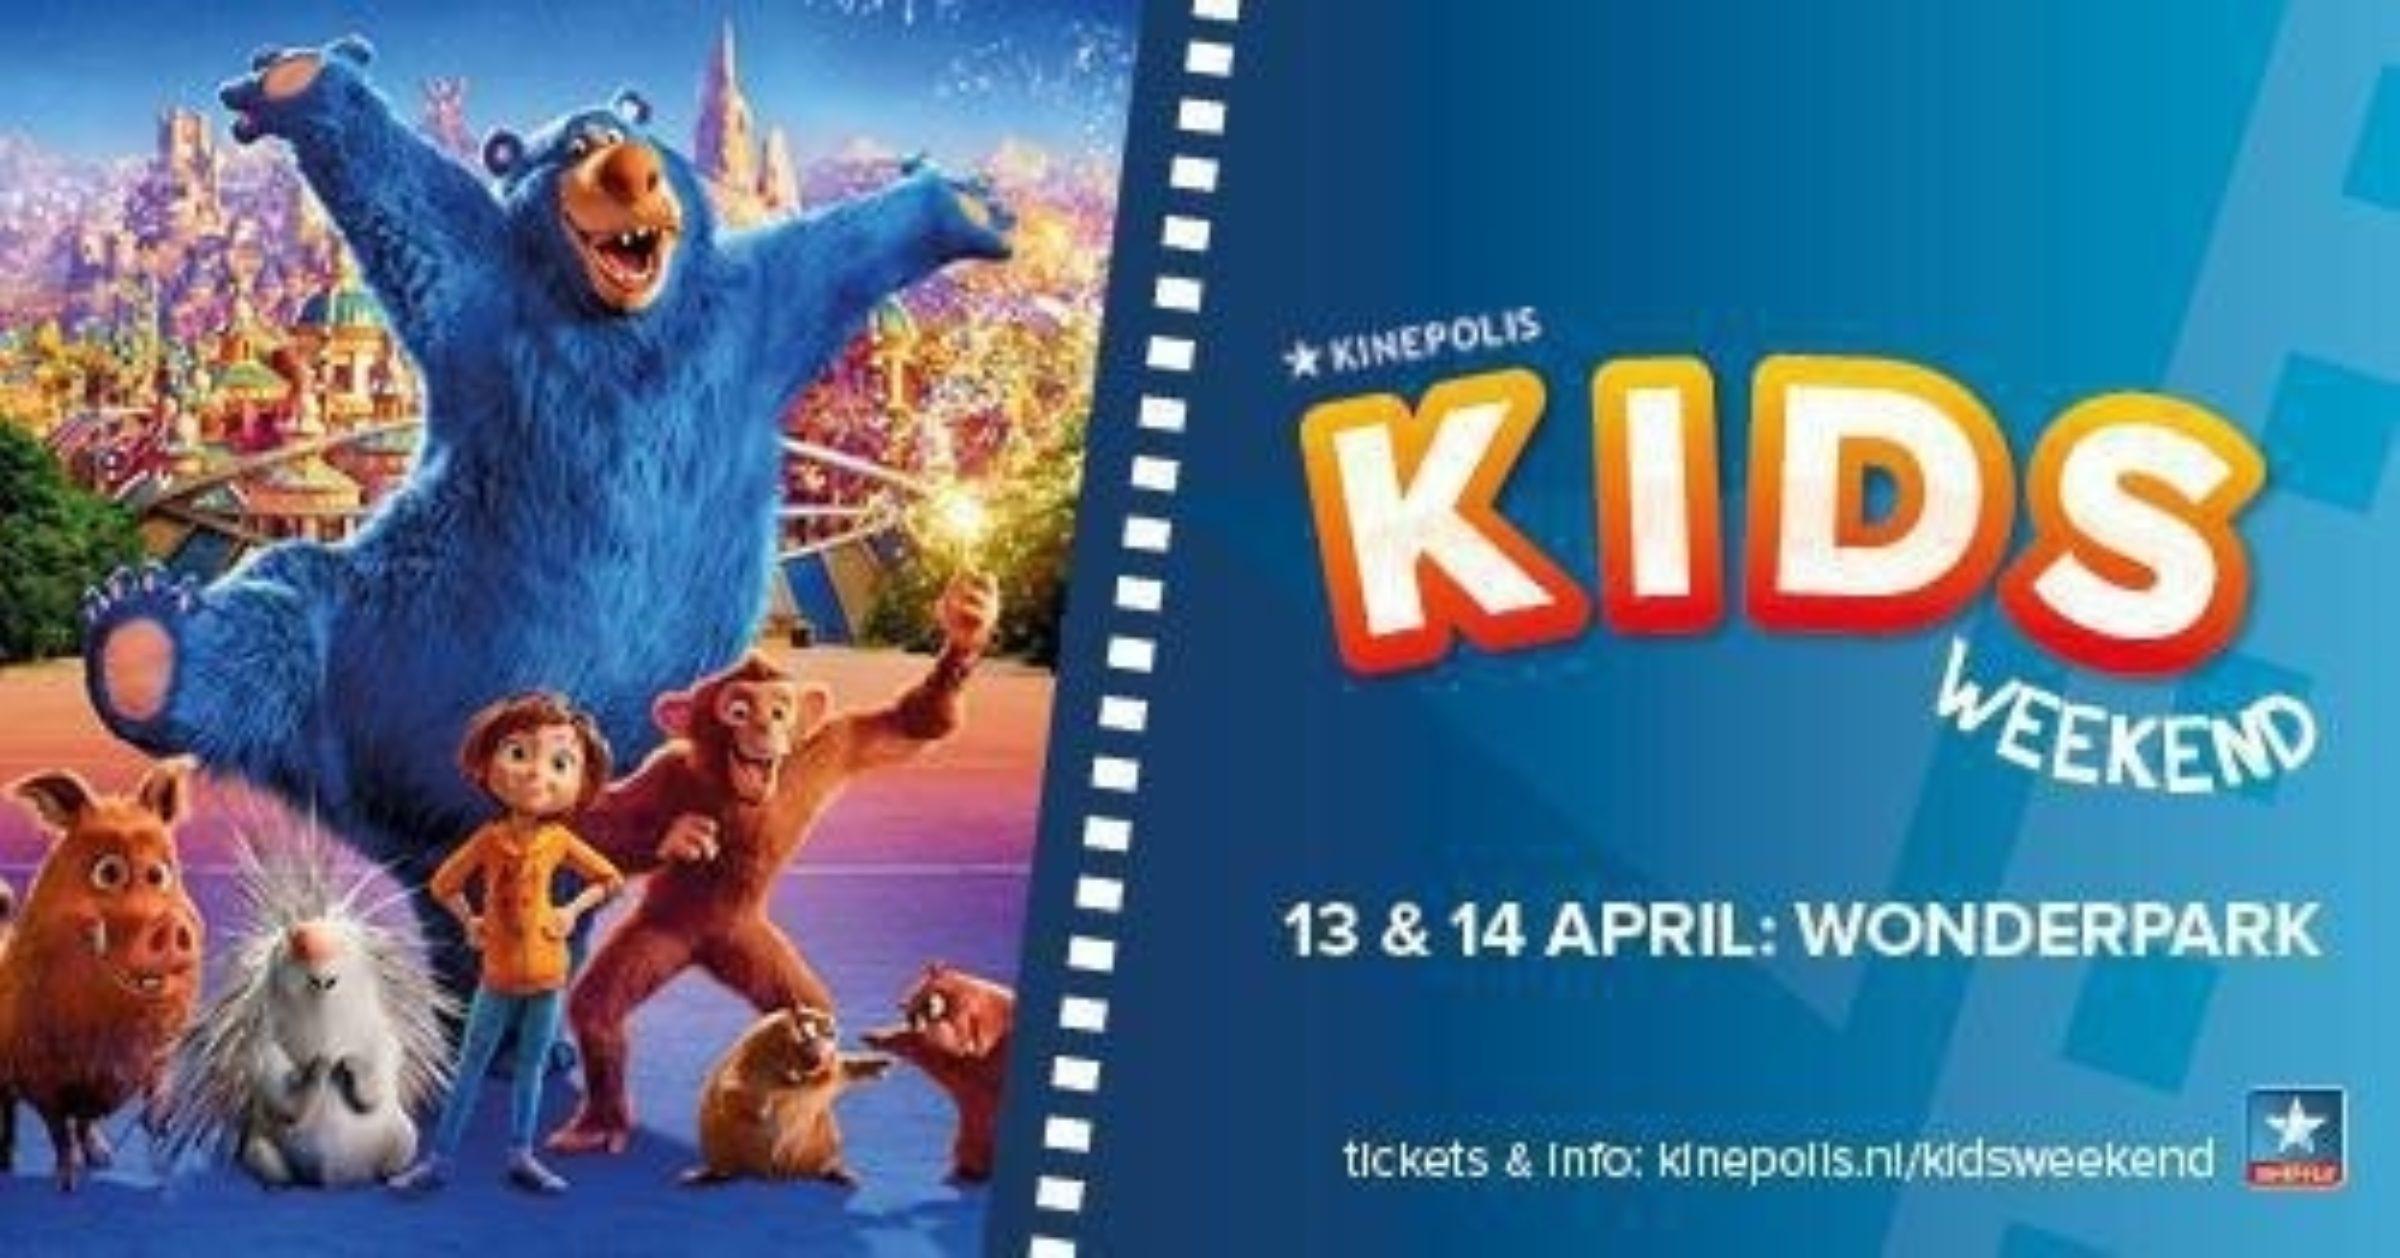 Kids Weekend wonderpark 2758 1555057638 35hxg0alog